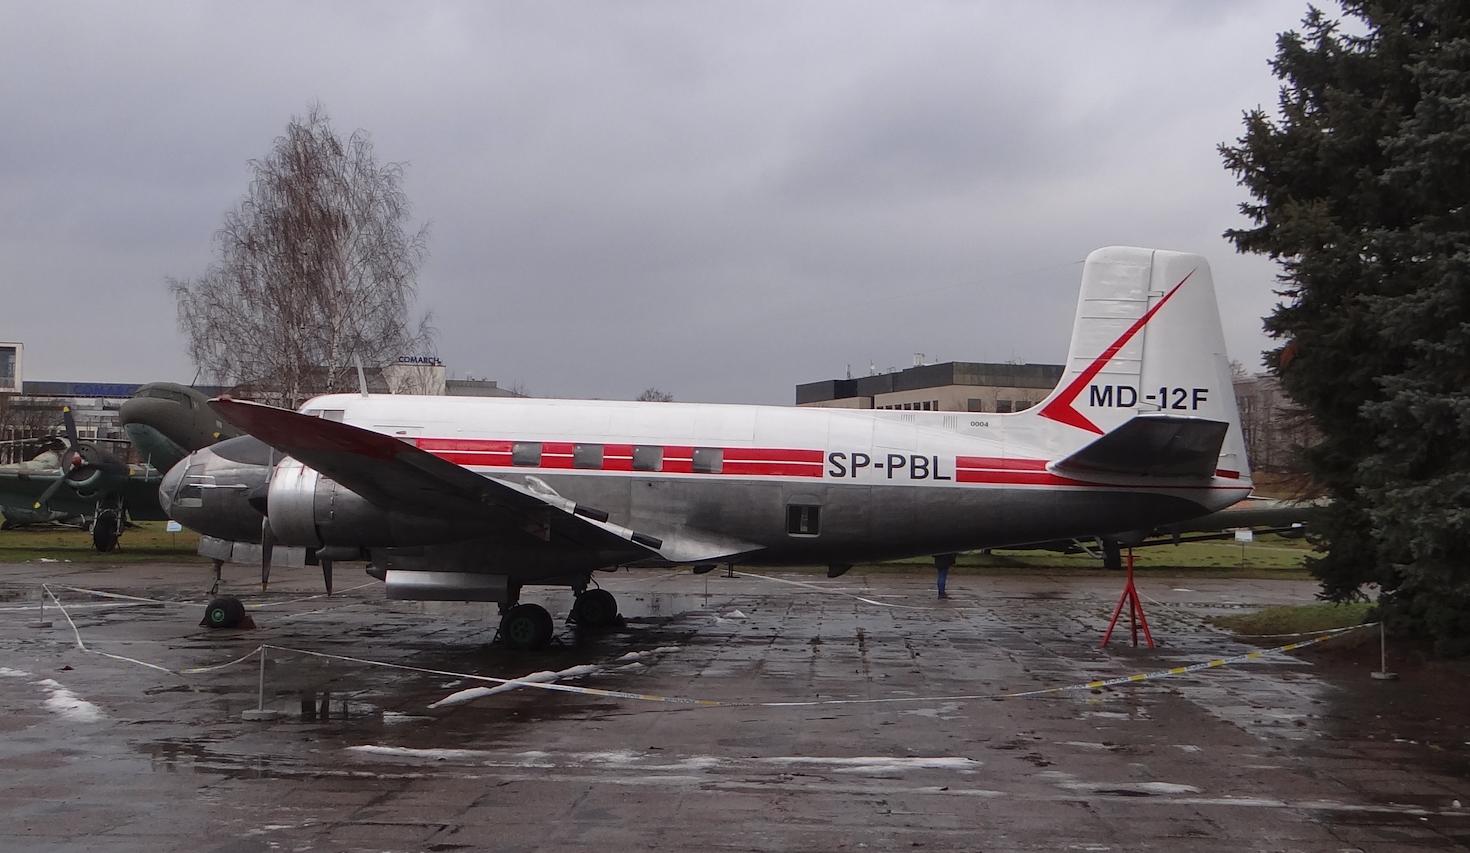 WSK Okęcie OKL MD-12 F. 2019 rok. Zdjęcie Karol Placha Hetman